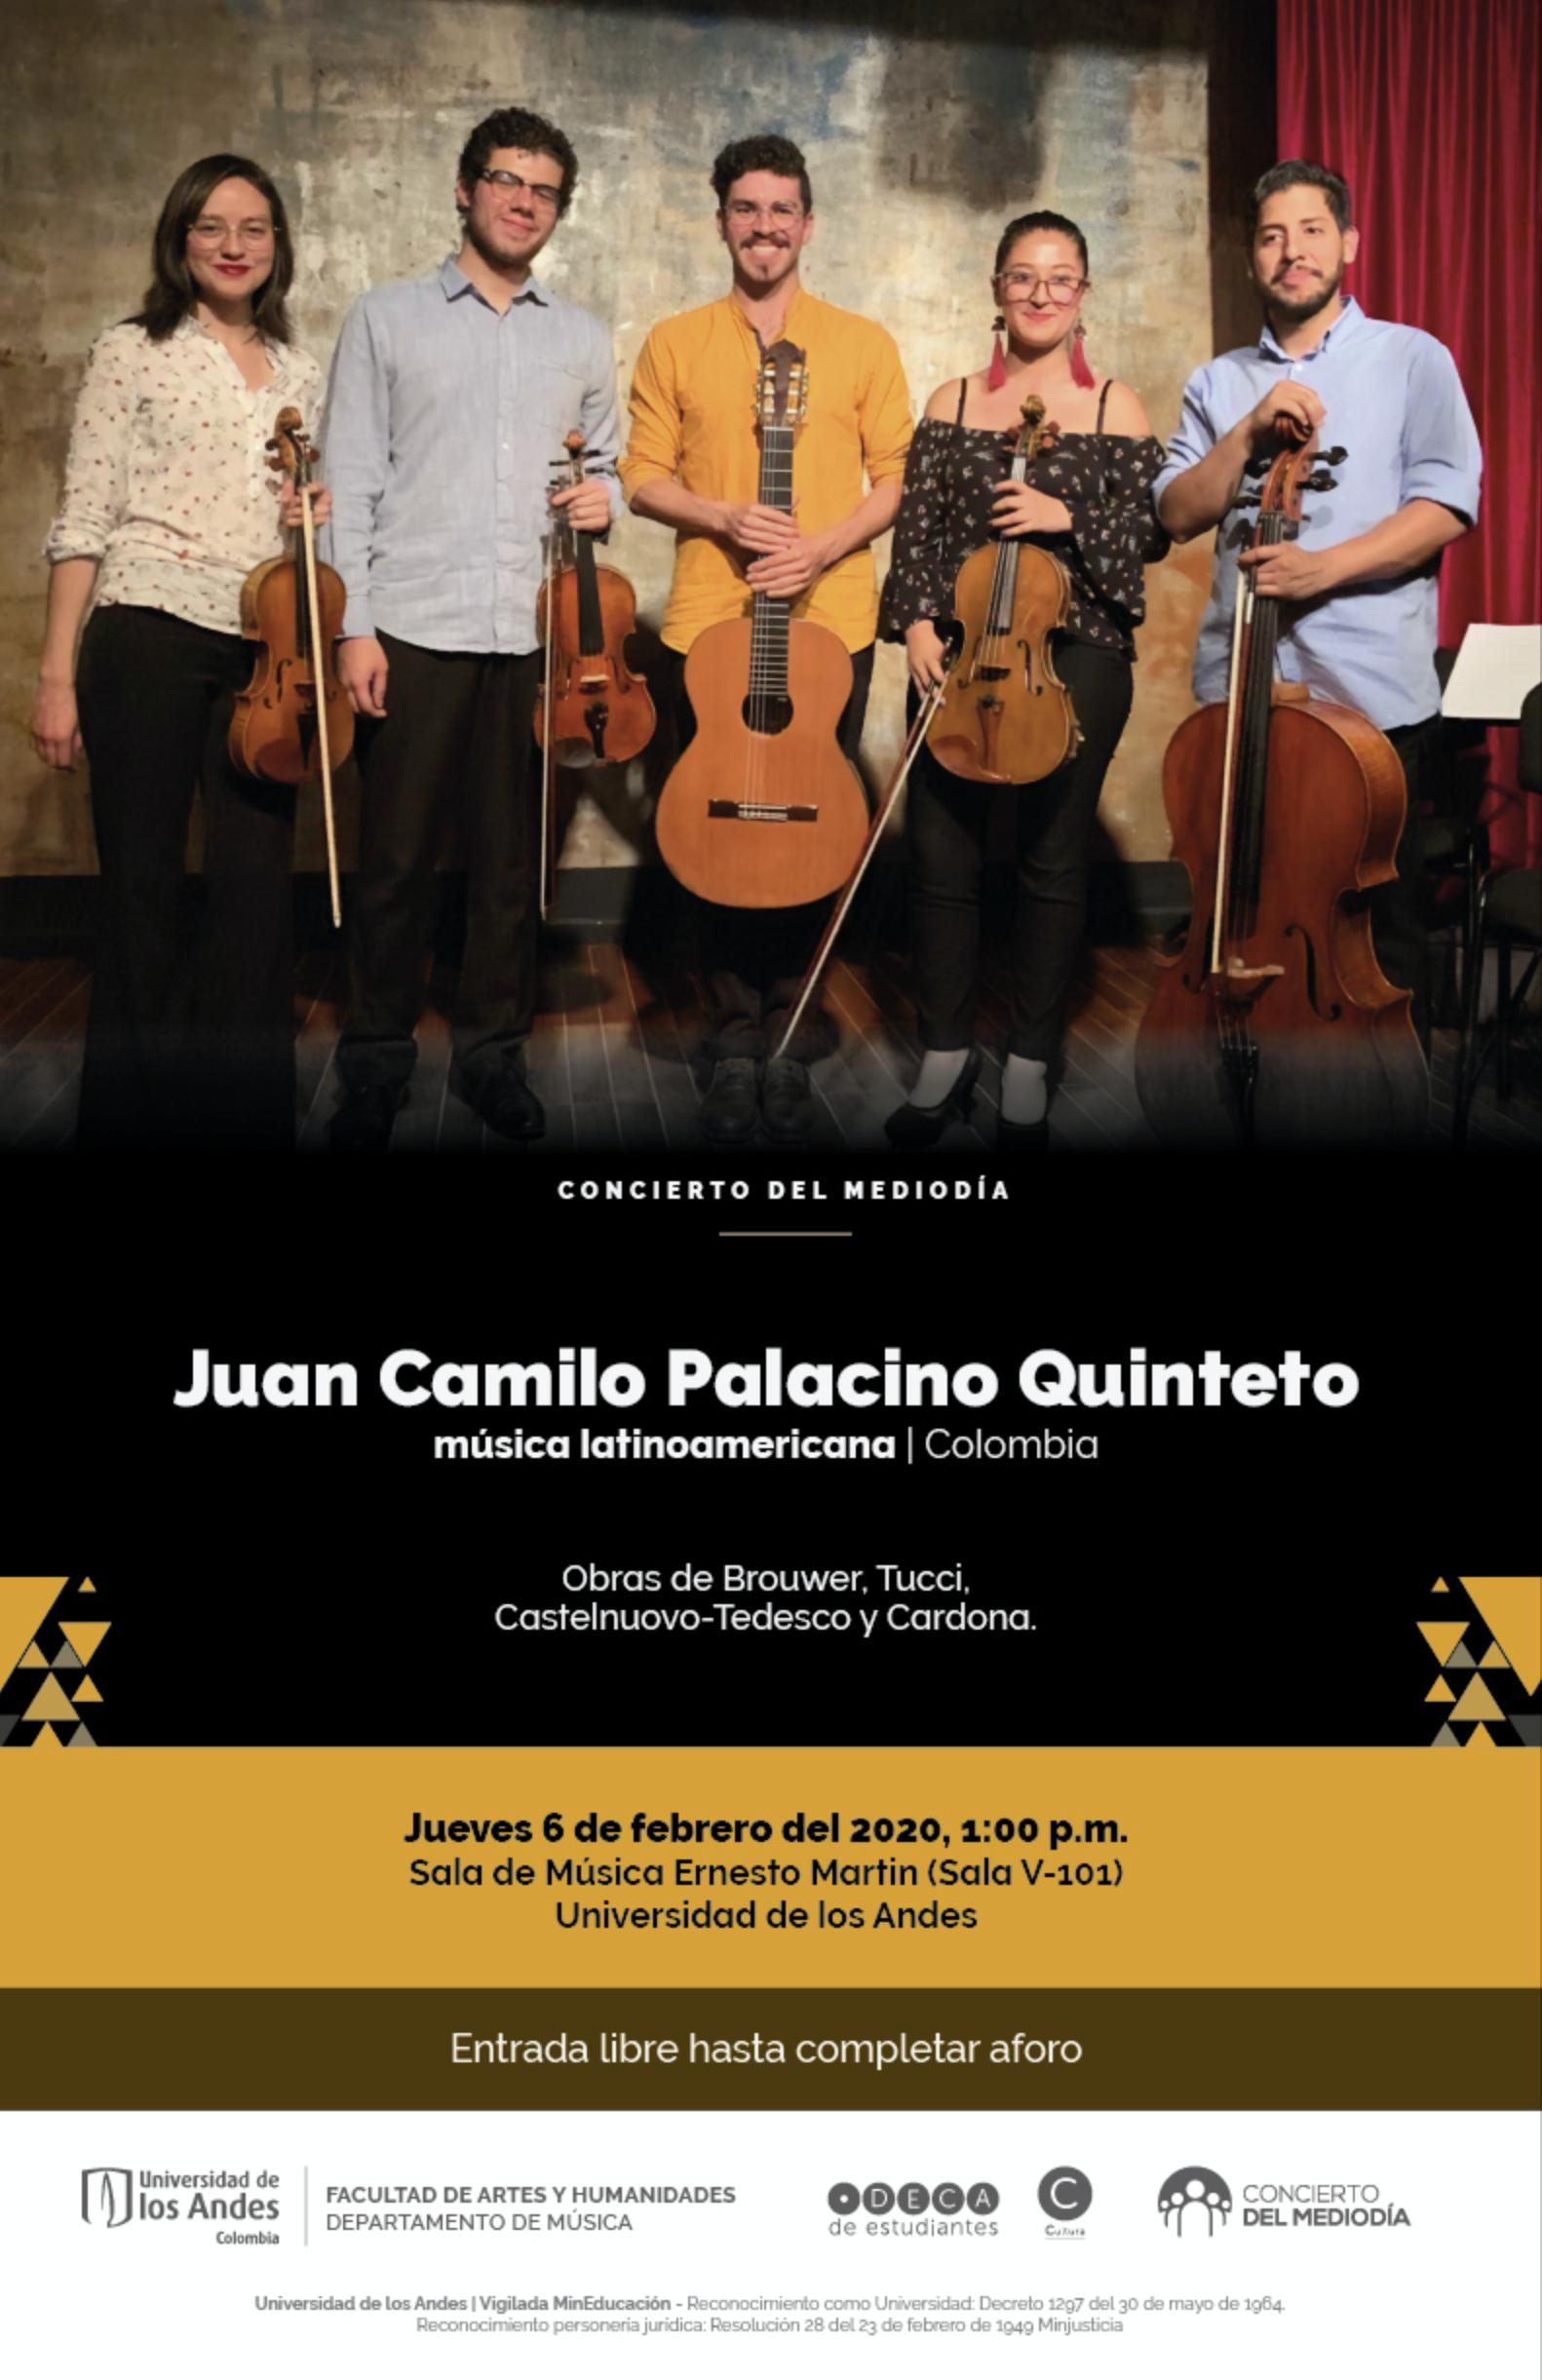 Concierto del mediodía: Juan Camilo Palacino Quinteto (Colombia)